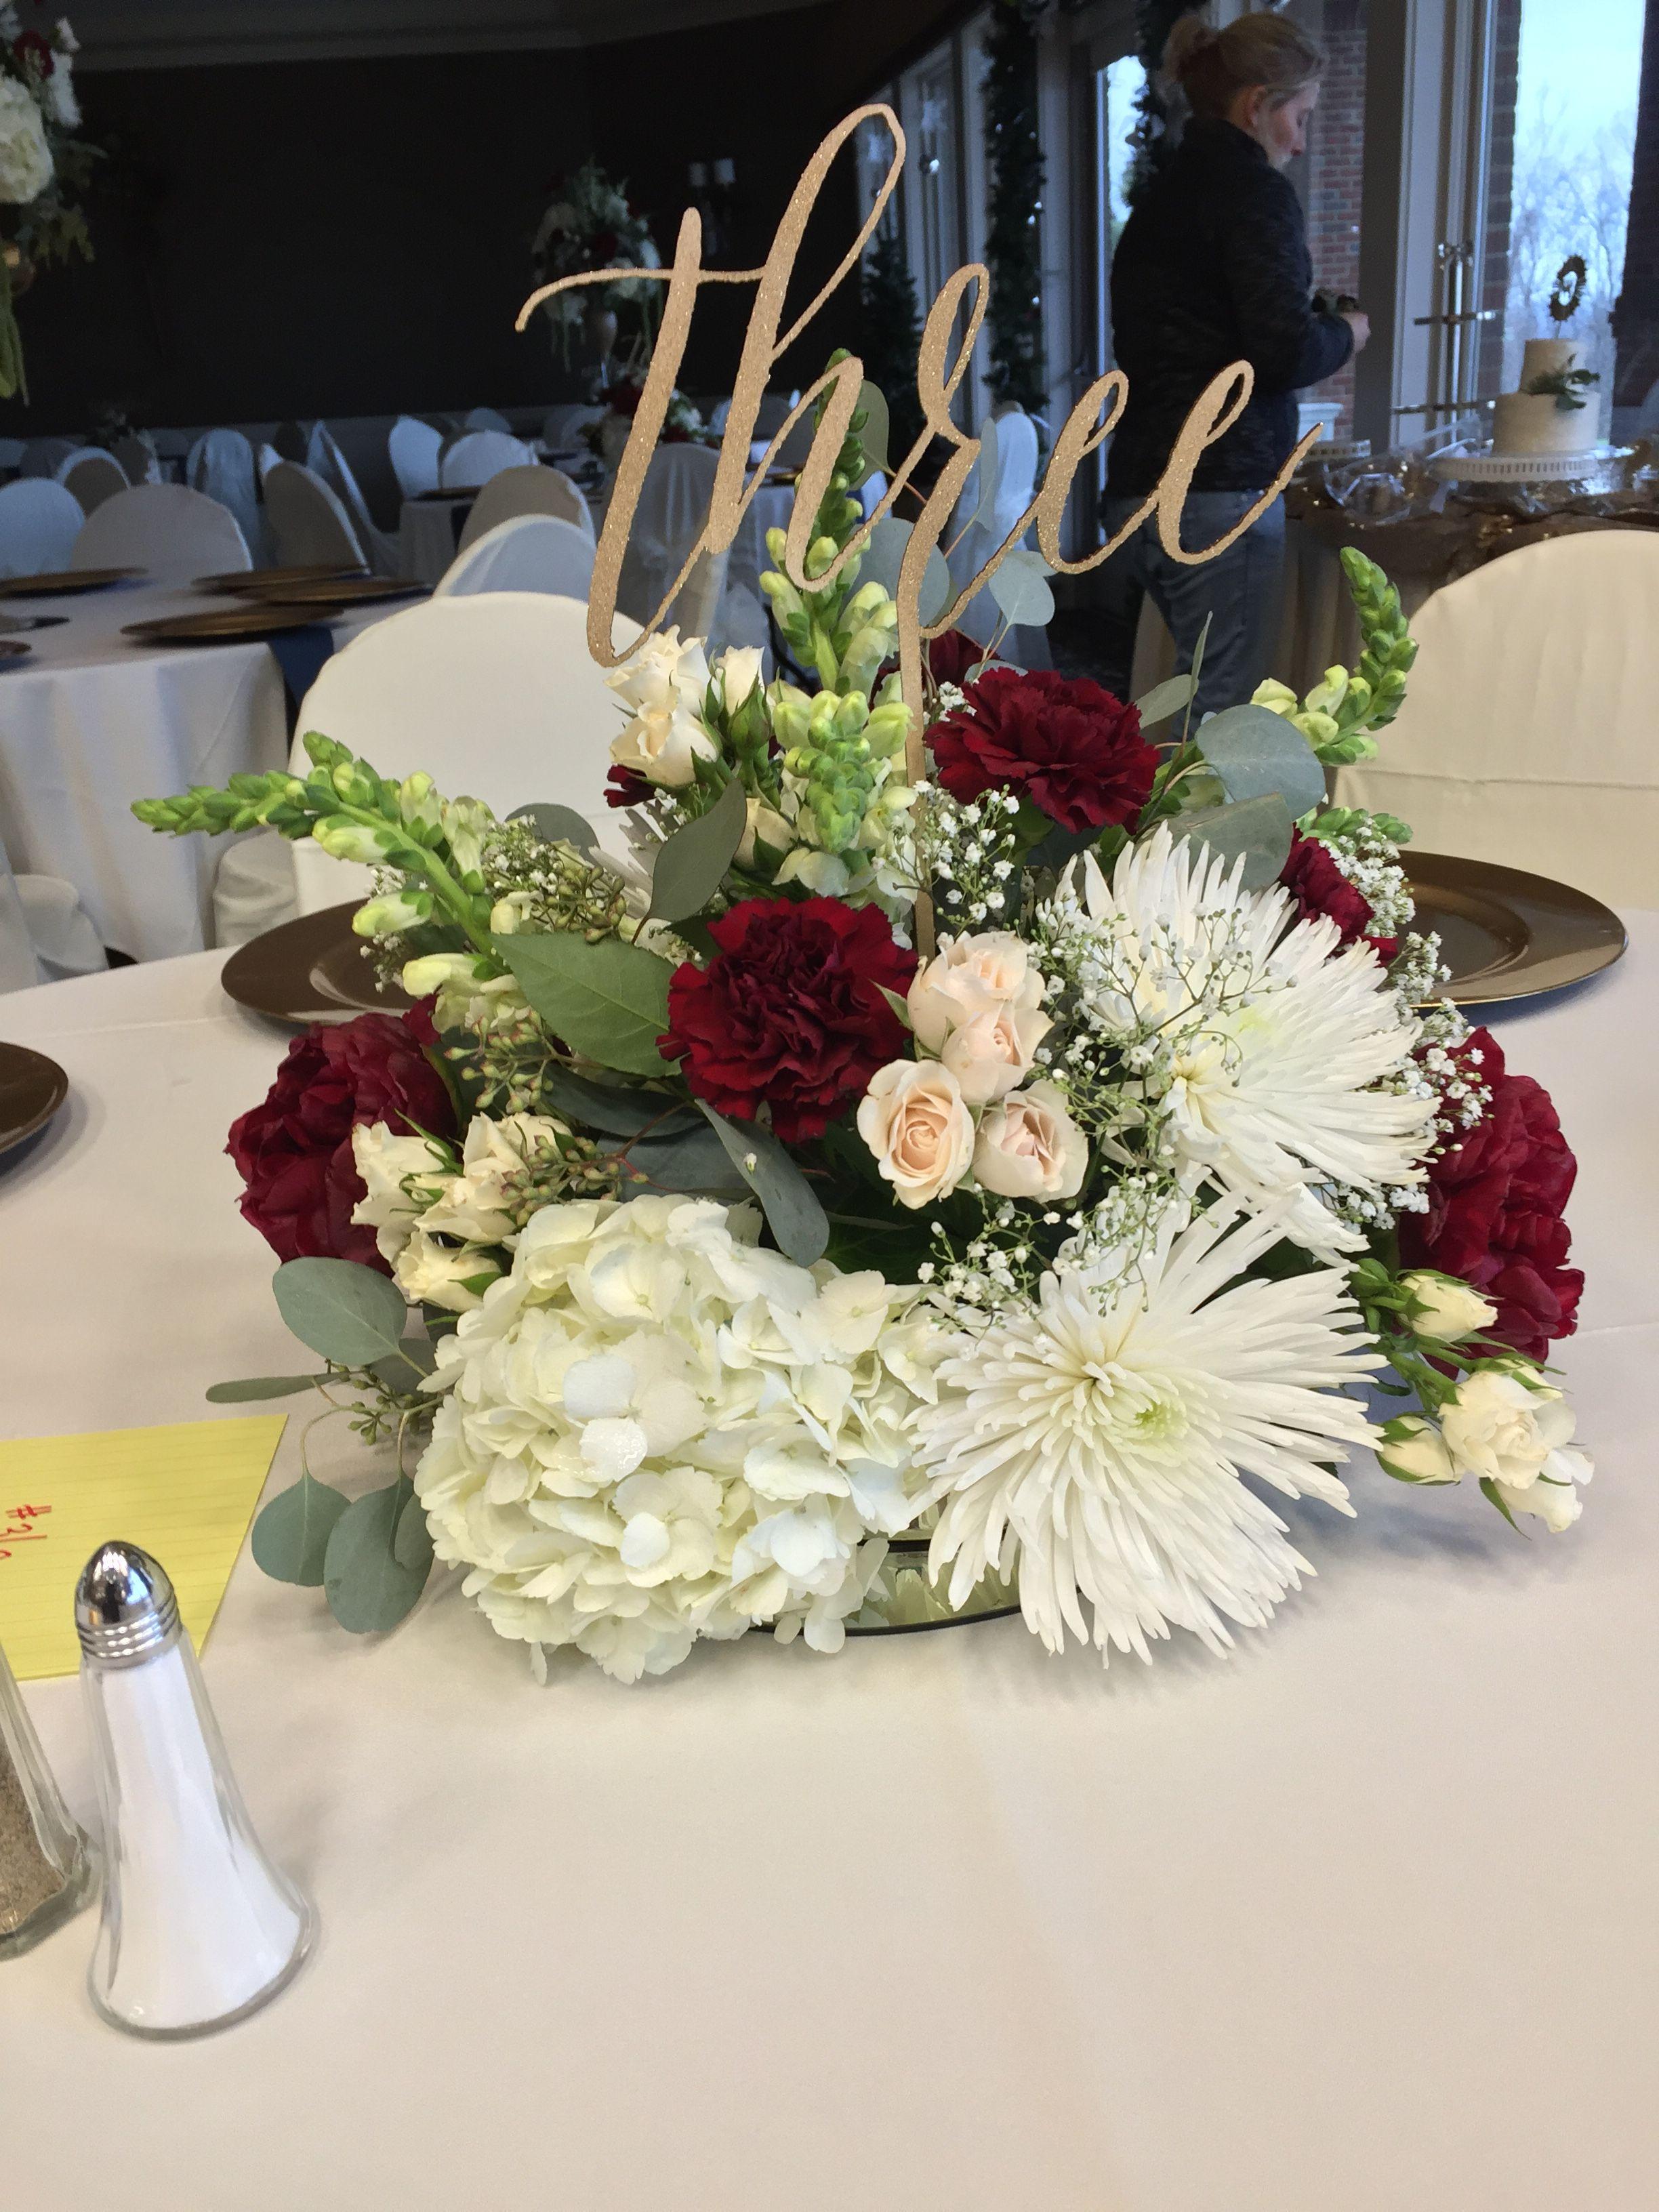 Centerpiece With Burgundy Carnations White Spider Mums Cream Spr Flower Centerpieces Wedding Burgundy Wedding Centerpieces White Wedding Flowers Centerpieces